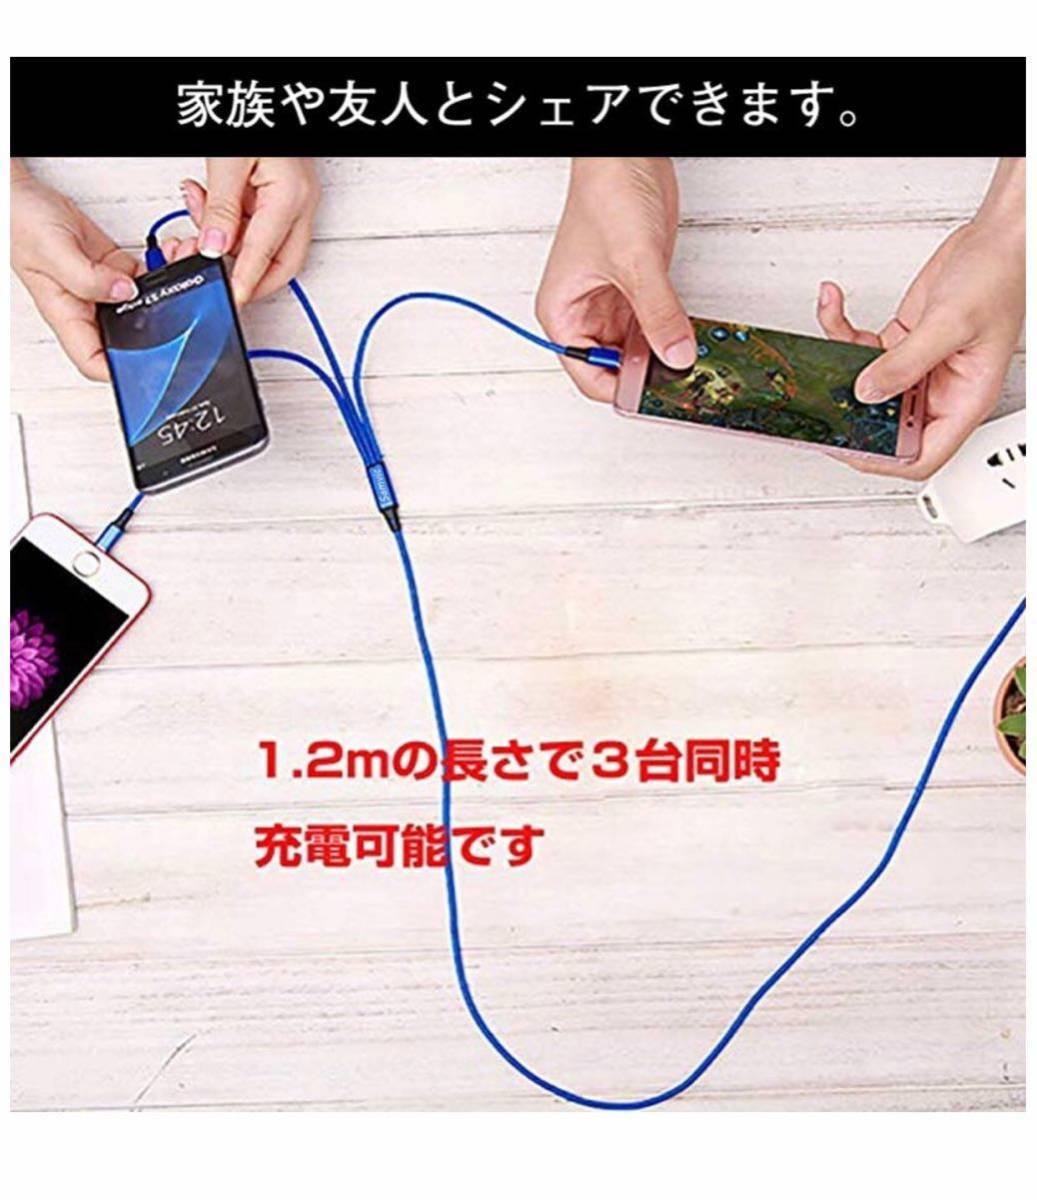 3in1 充電ケーブル 2本組 type-c 充電ケーブル USB Type C Micro USB ケーブル iPhone android type-c 同時給電可 1.2m (ブルー)_画像6